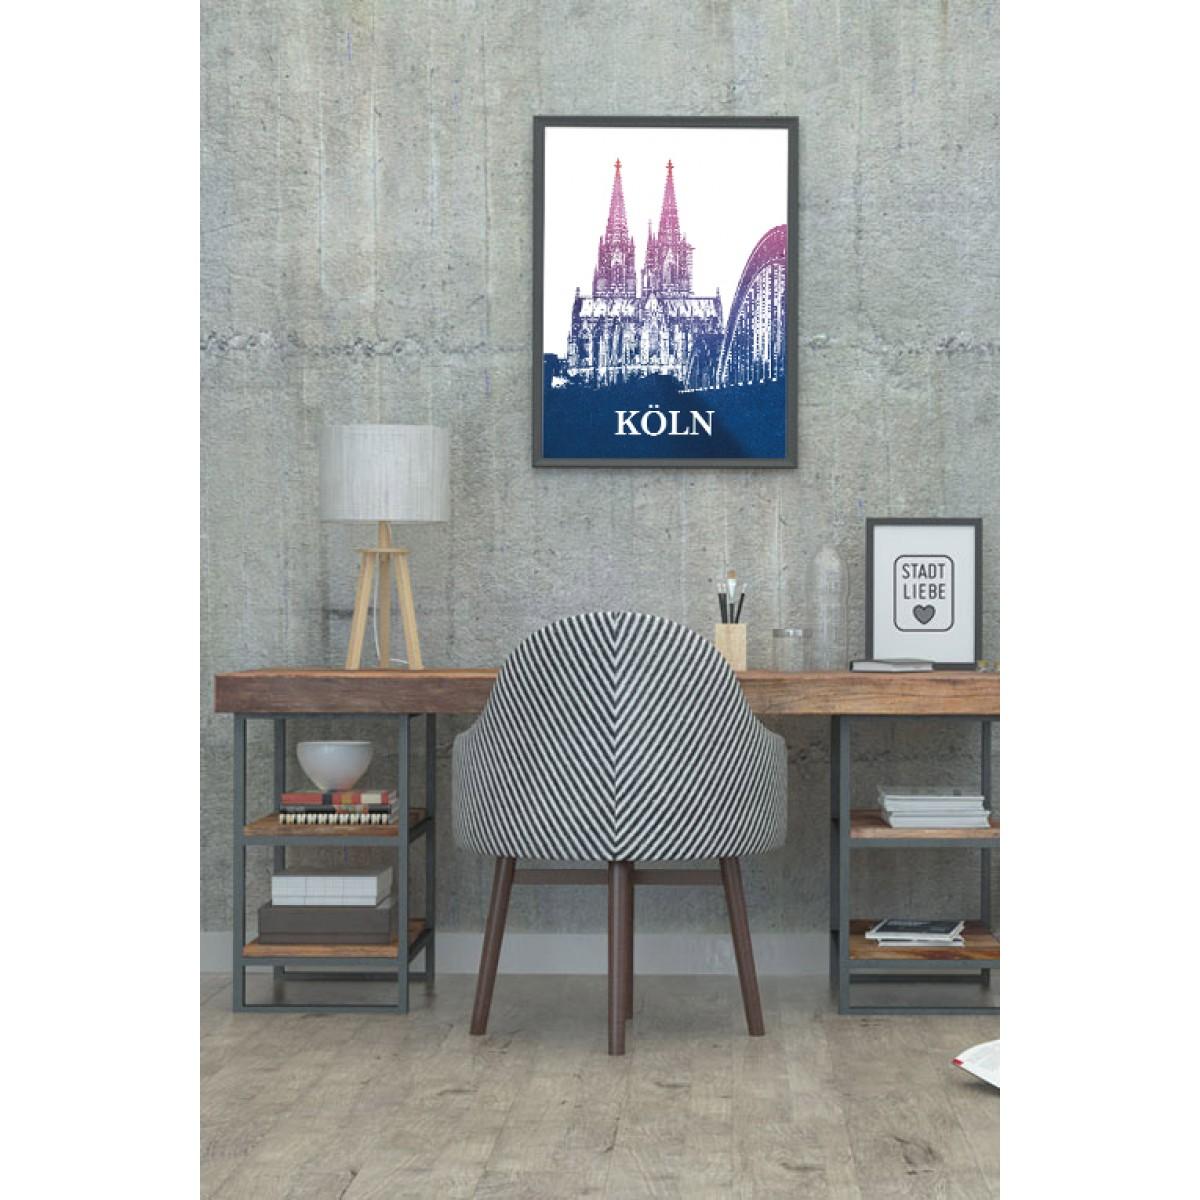 Stadtliebe® | Köln - Kölner Dom Kunstdruck verschiedene Größen DIN A2